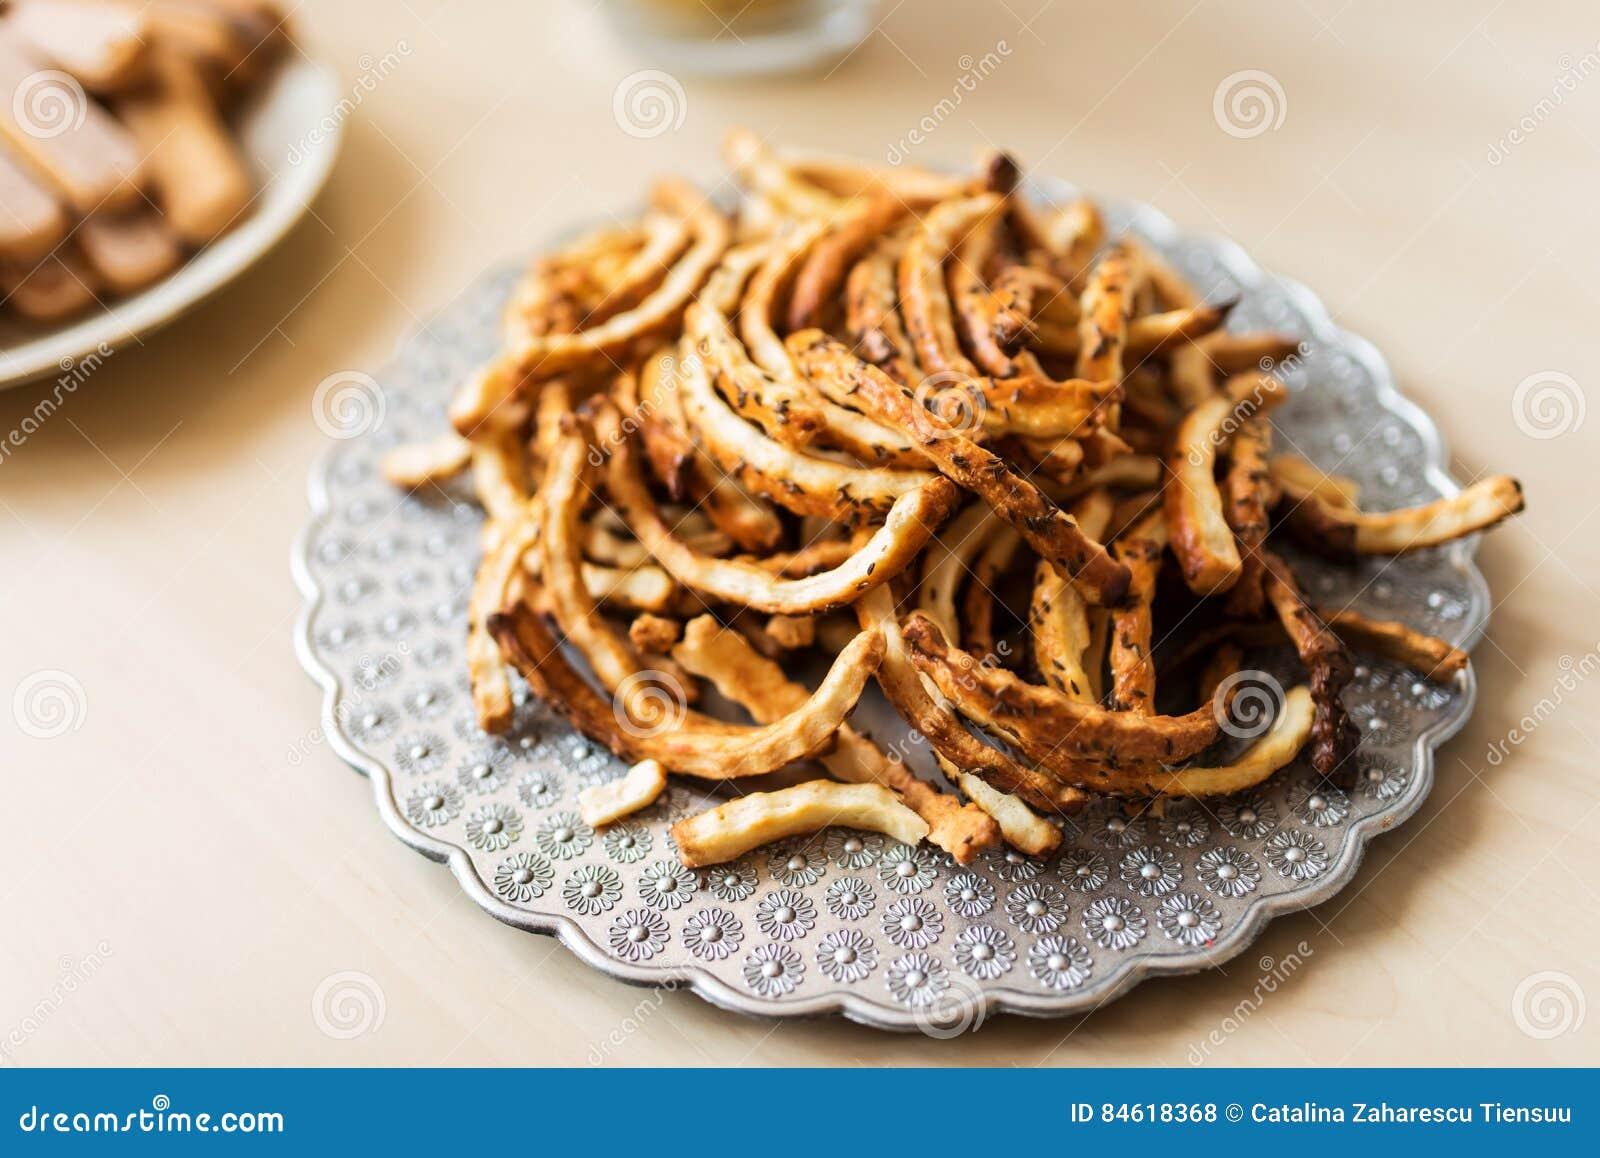 Ένα σύνολο πιάτων των αλμυρών κροτίδων